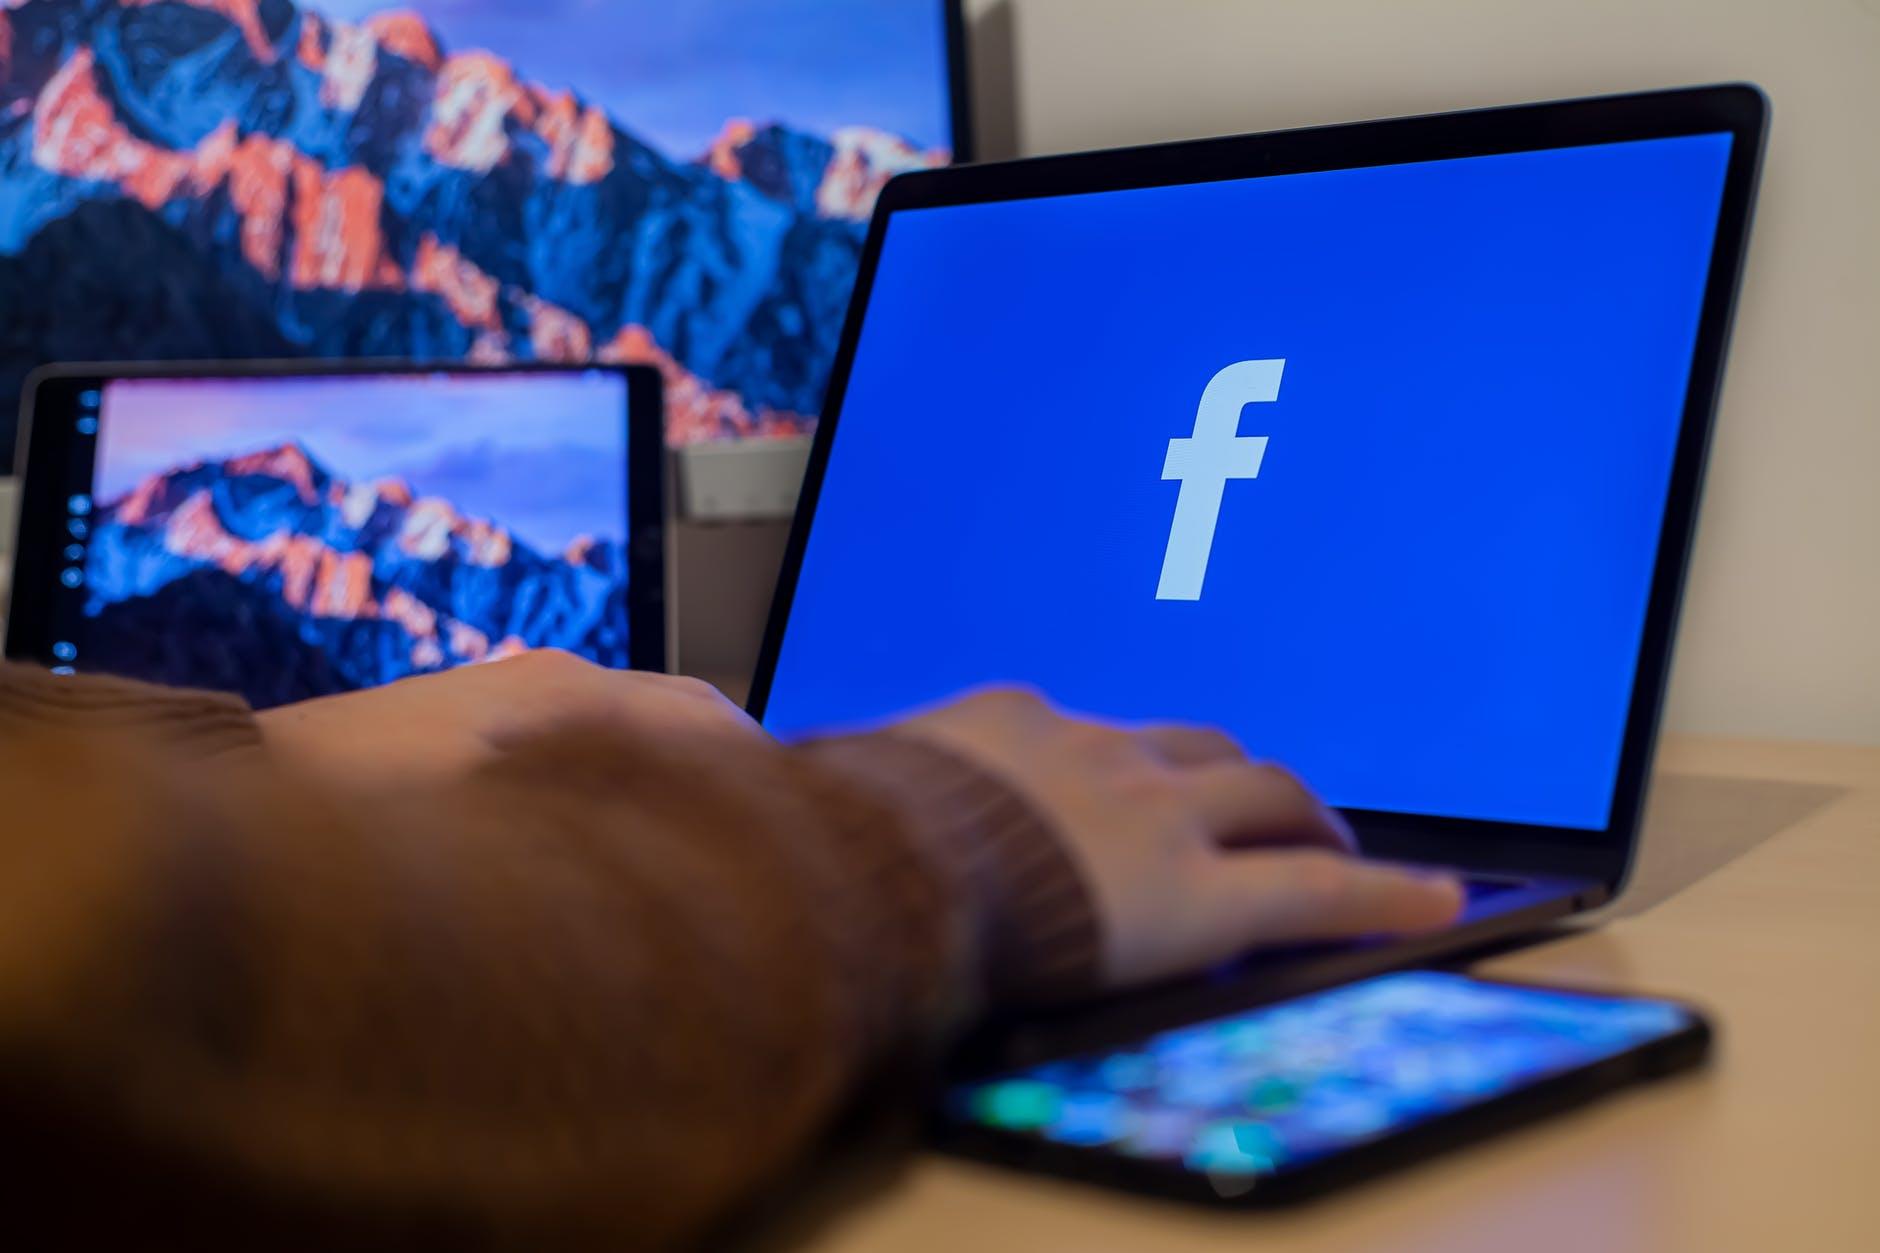 ordinateur portable facebook logo